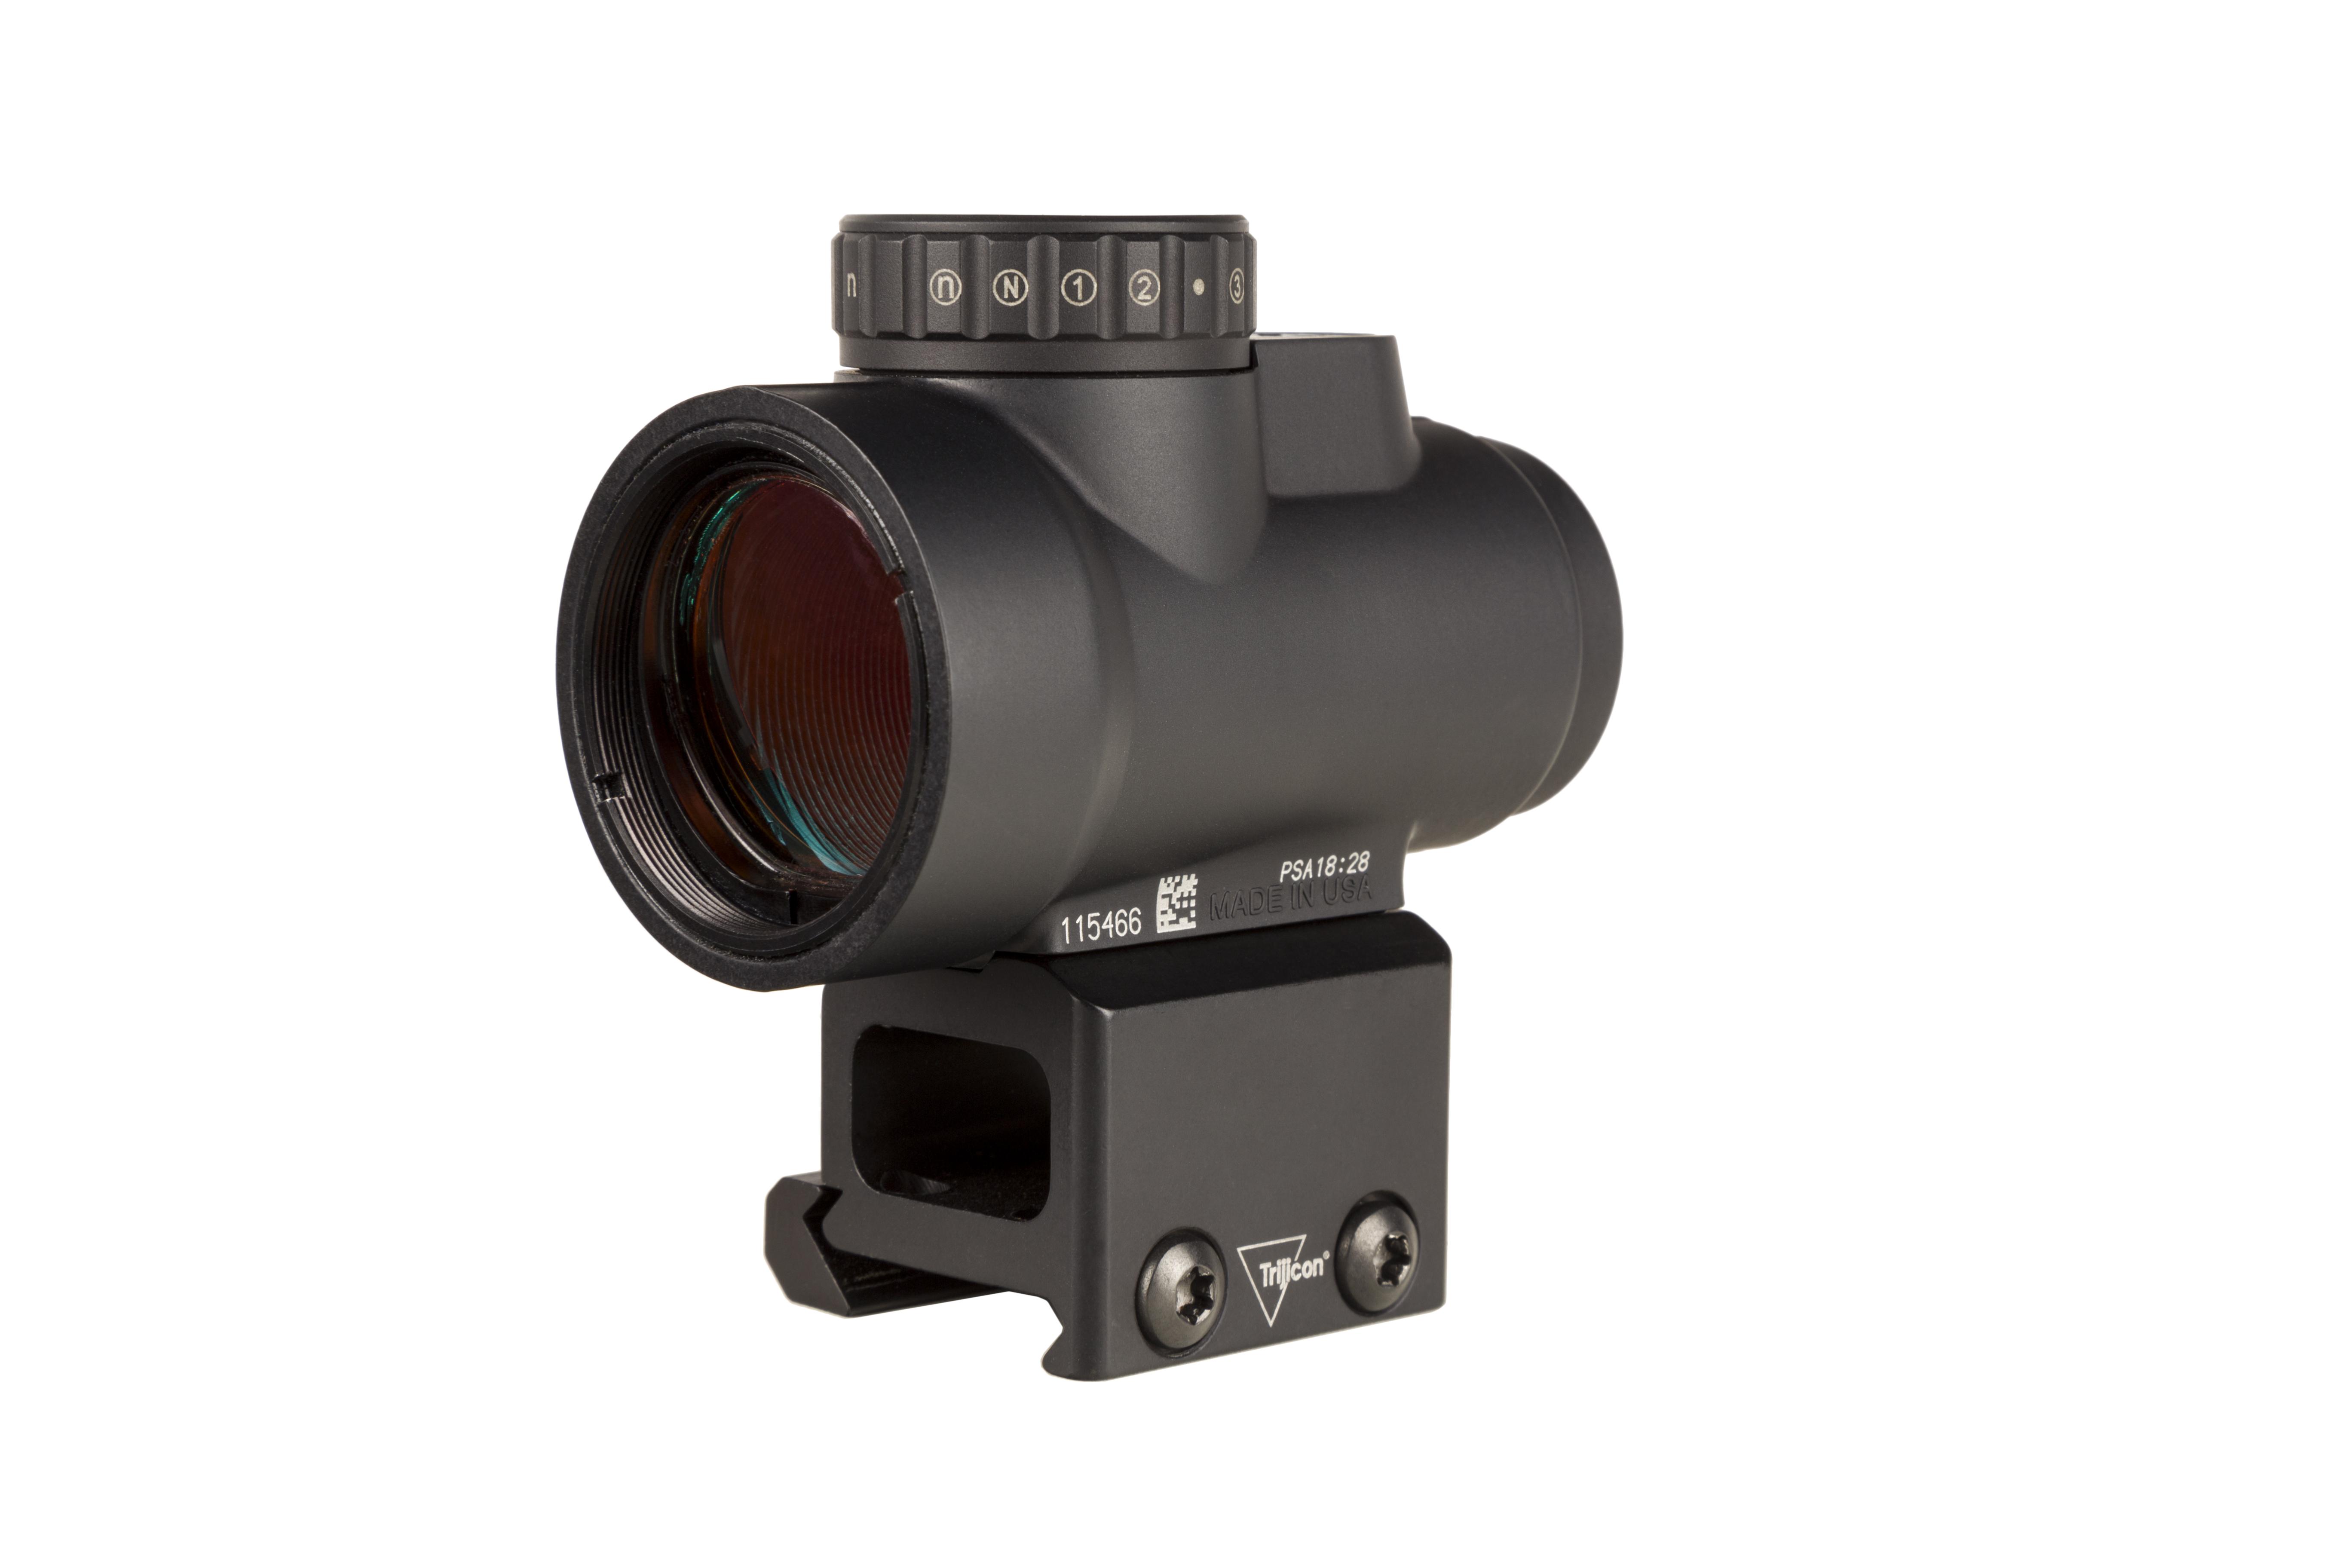 MRO-C-2200053 angle 1